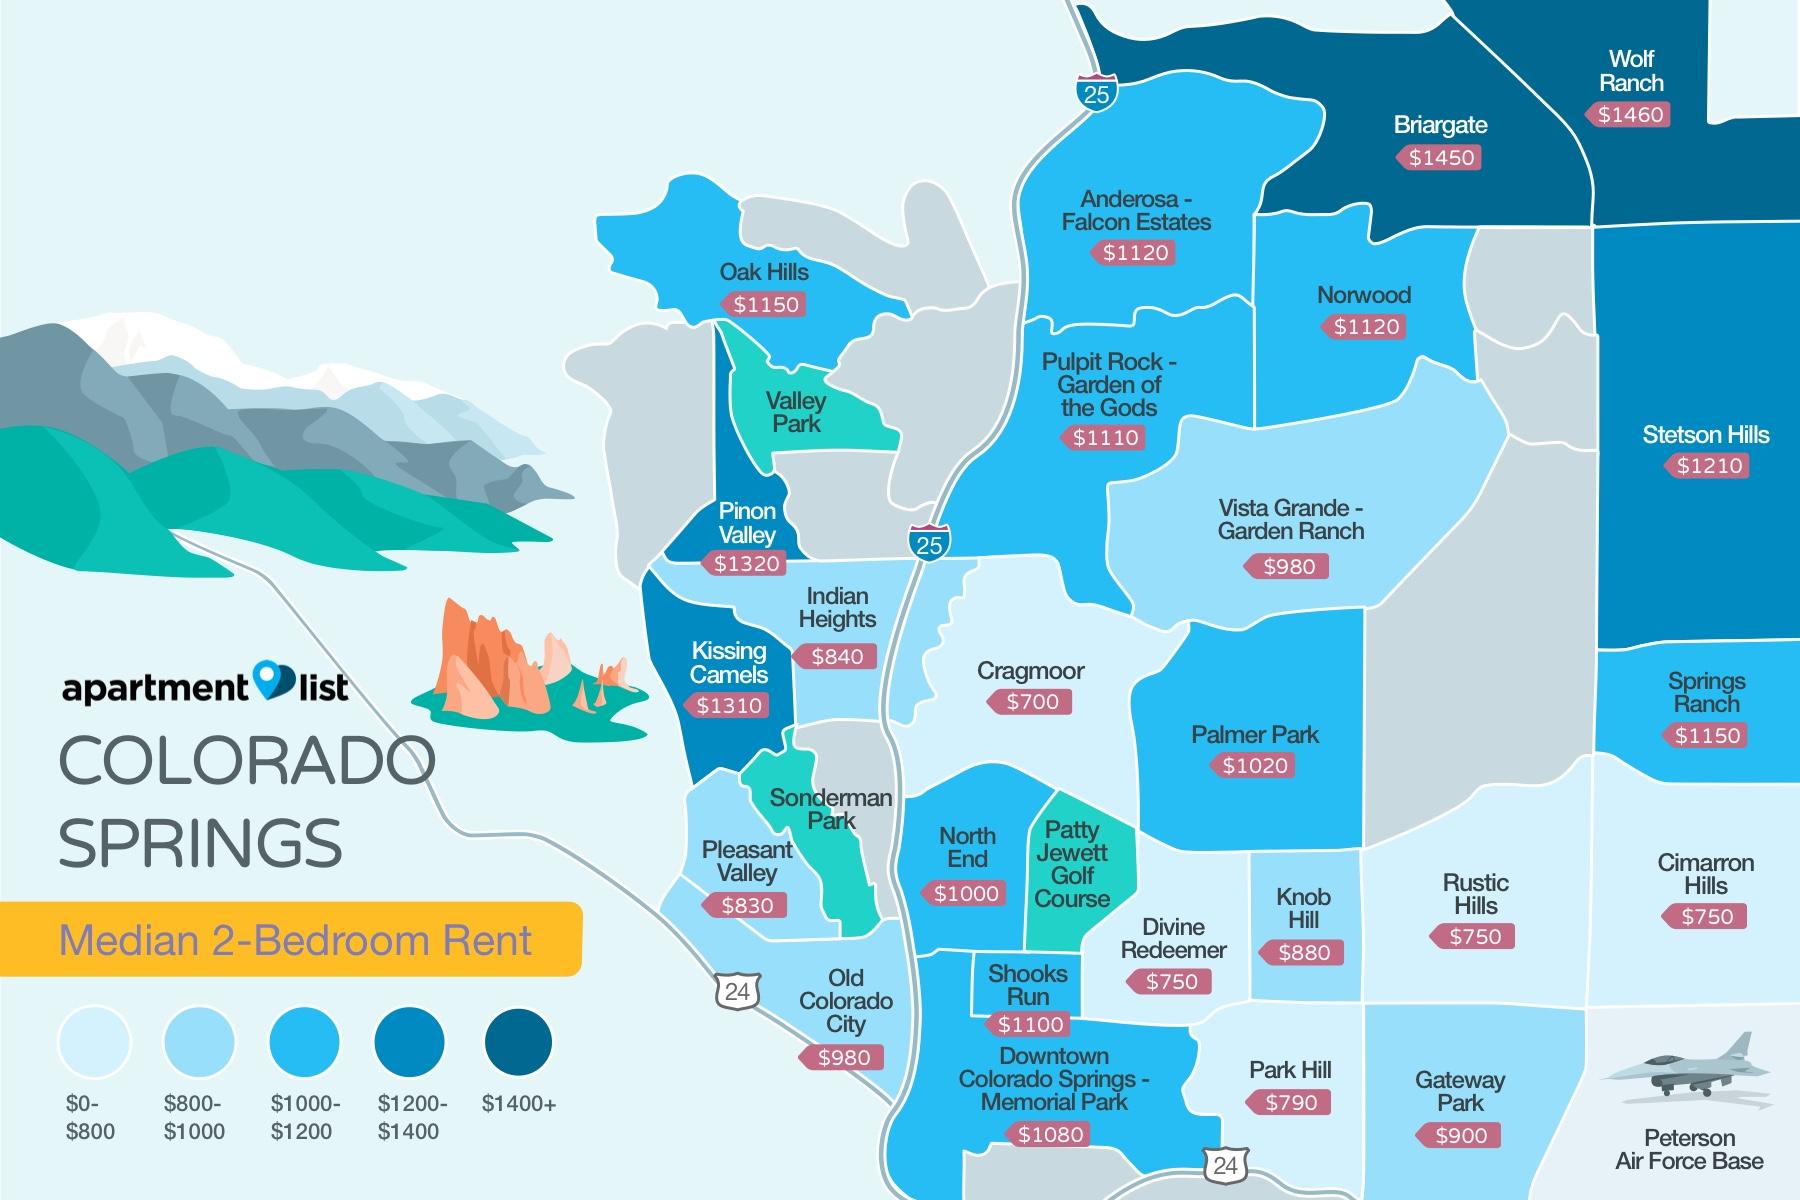 Colorado Springs Rent Map